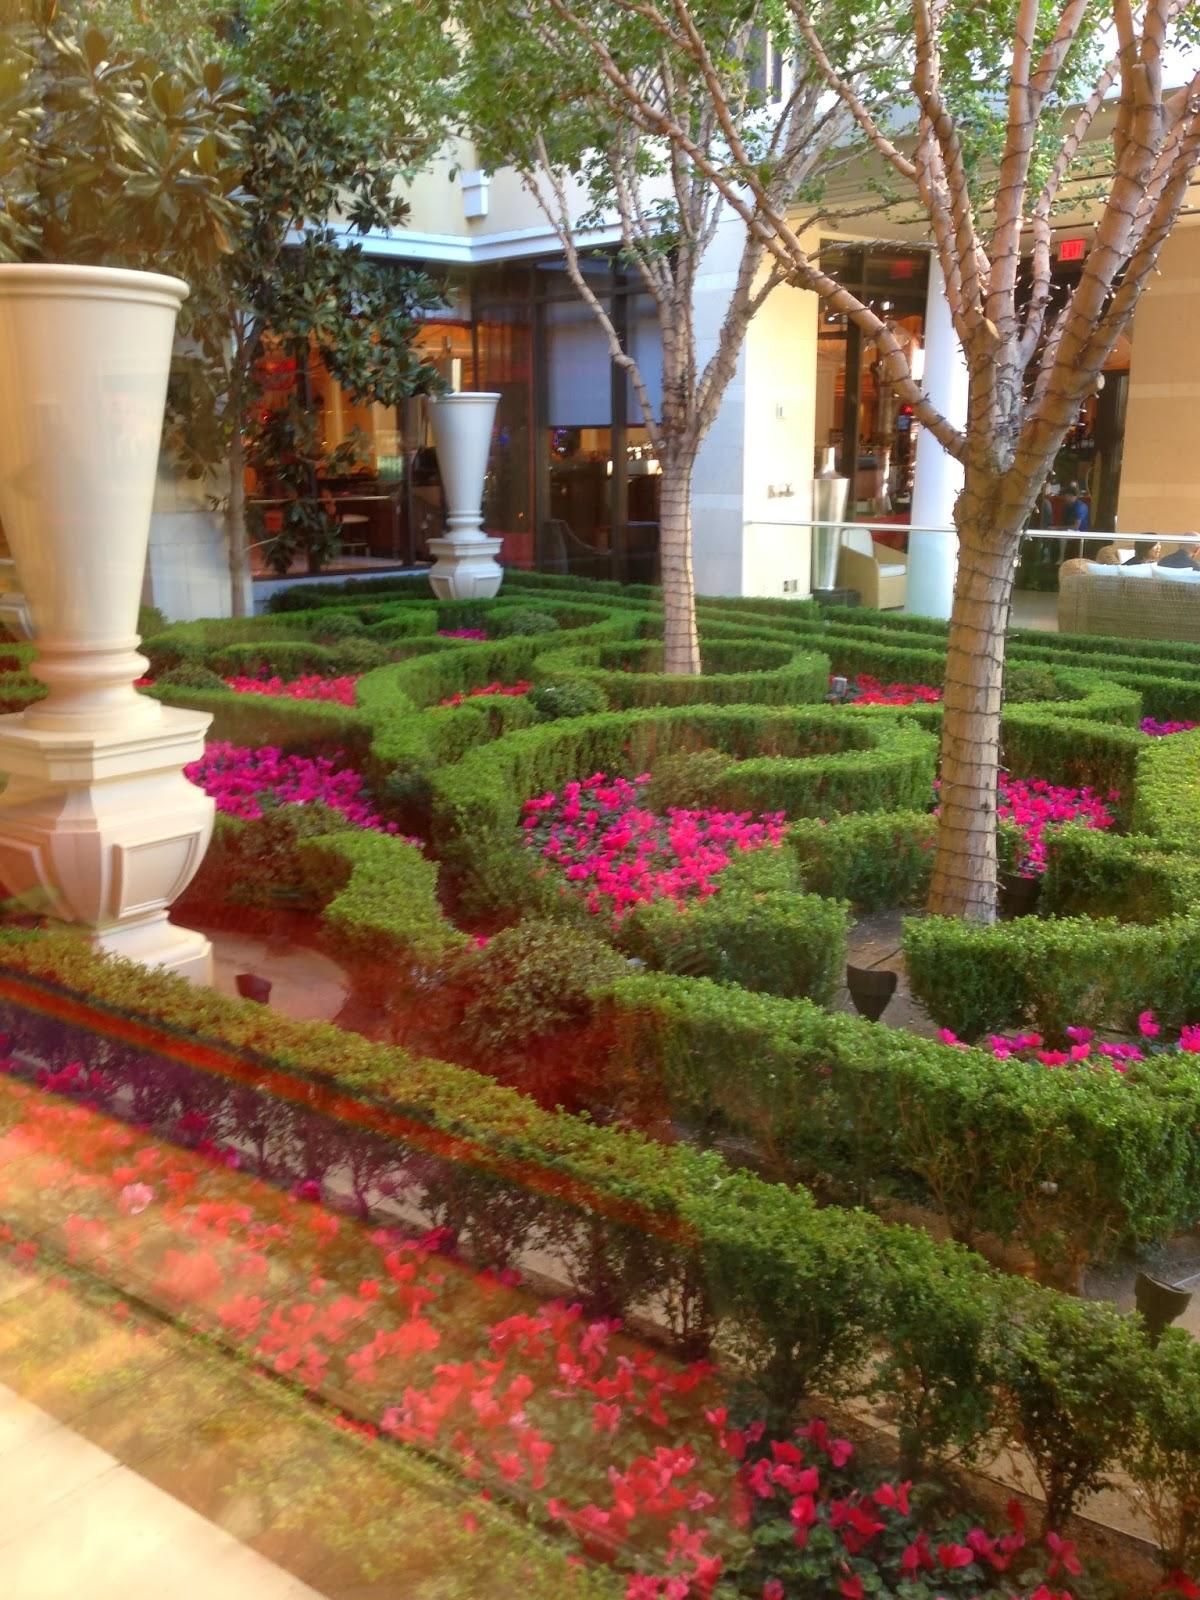 Dean Farris Style : Wynn\'s Las Vegas, My Favorite Casino